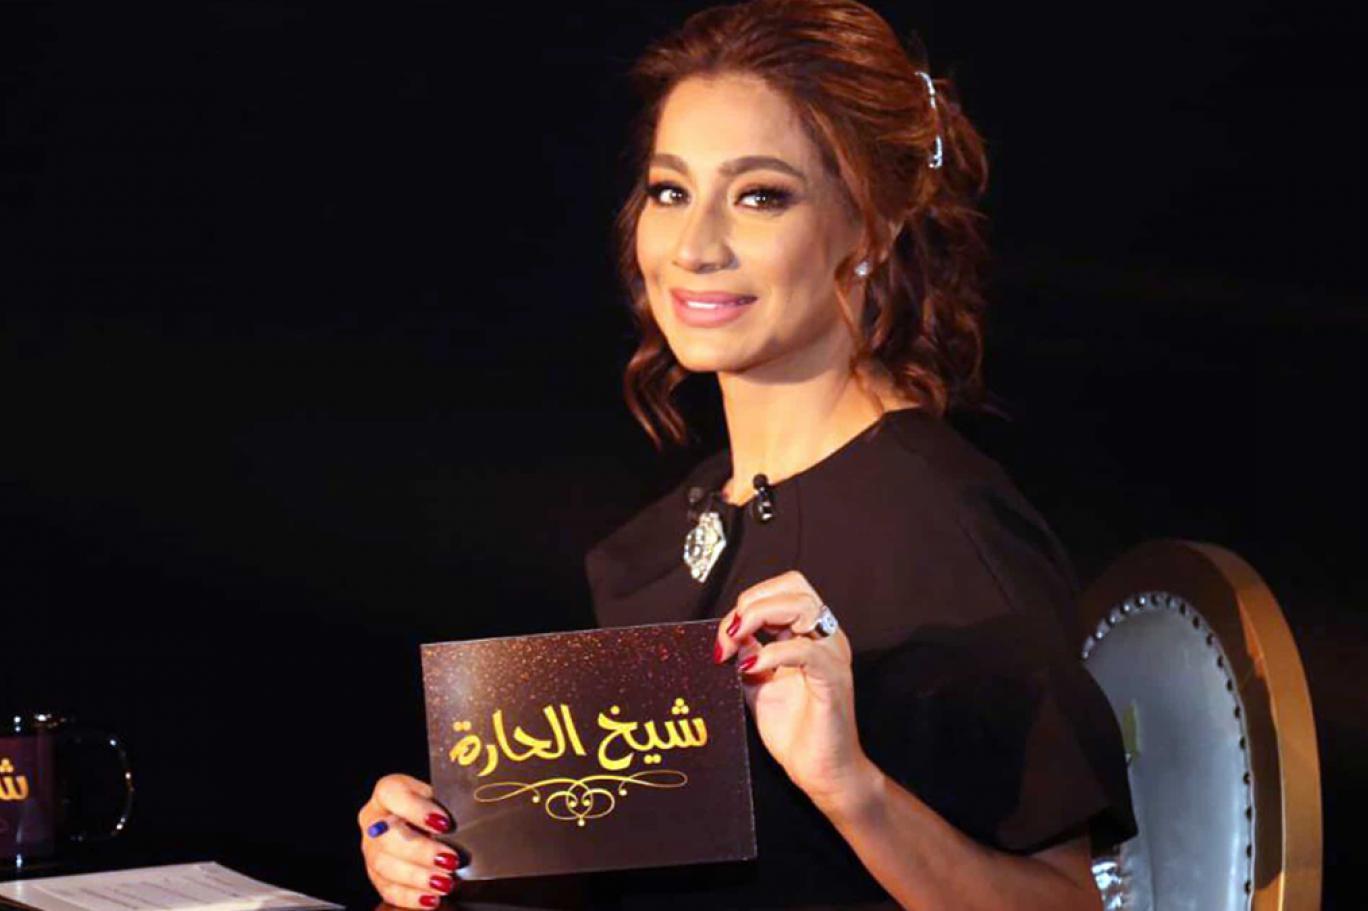 الزوجة المزعومة للمخرج المصري خالد يوسف تطيح أشهر برنامج